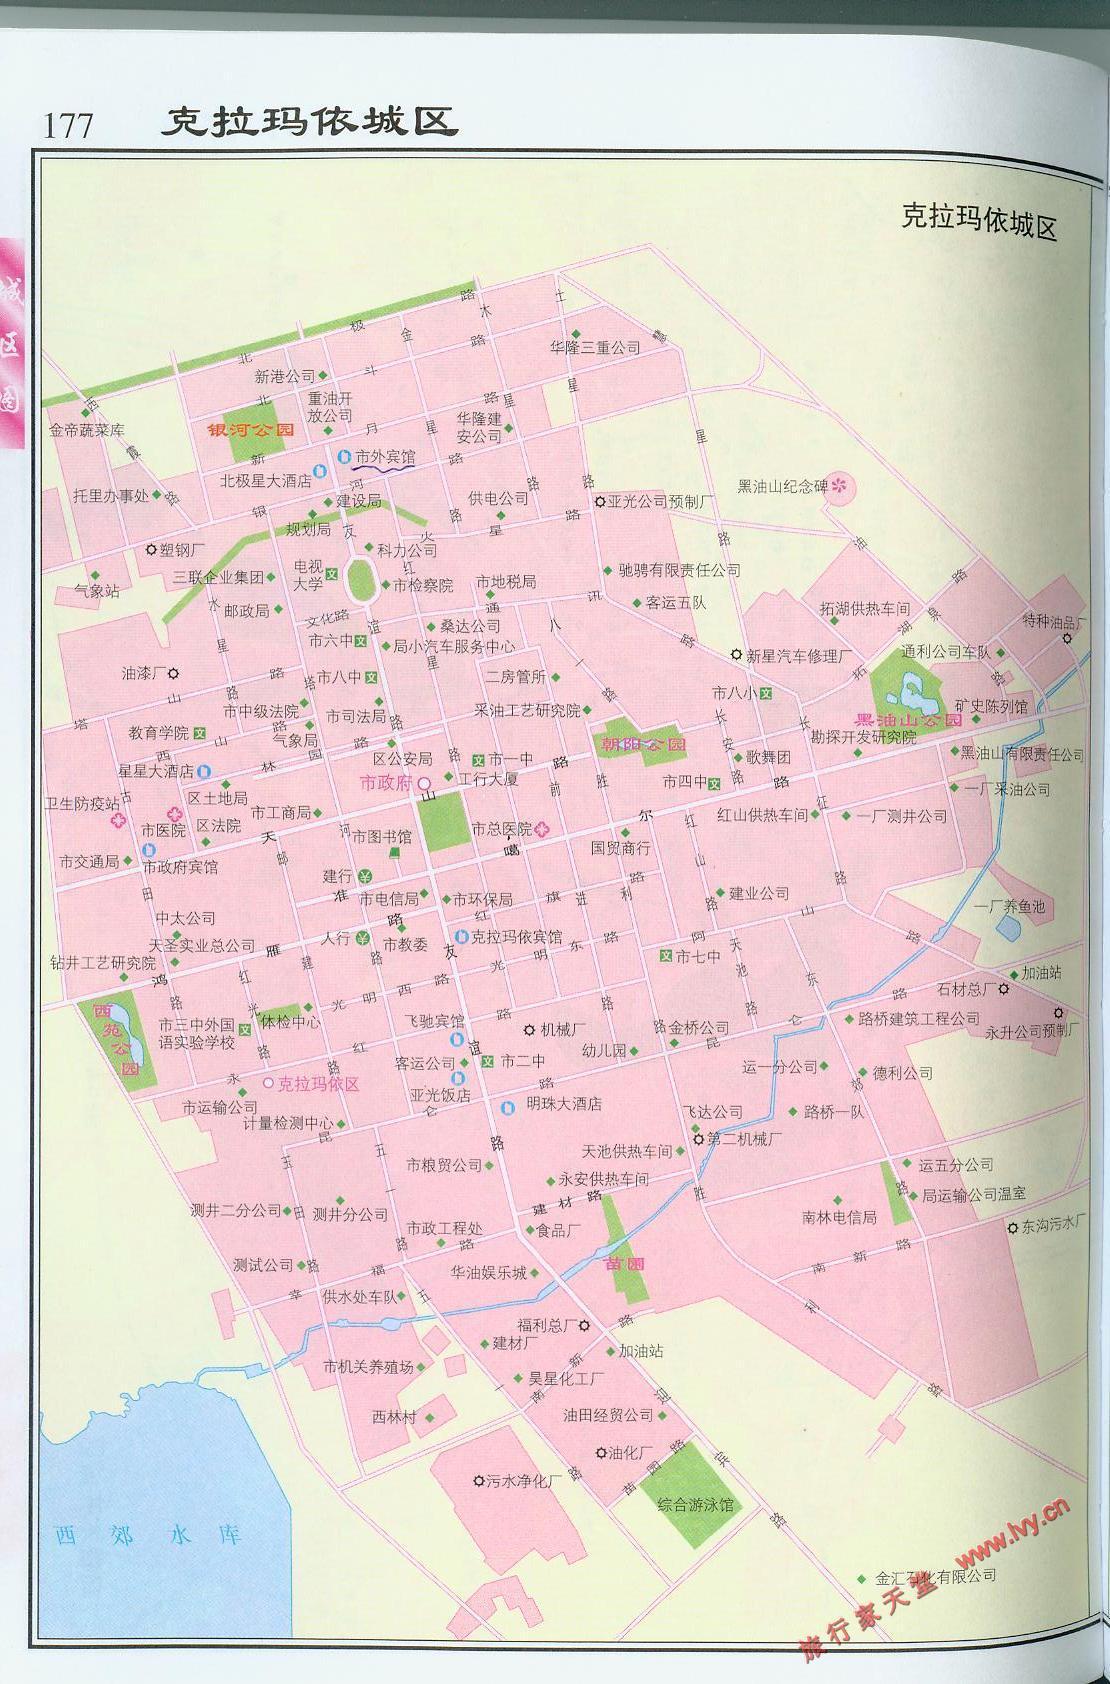 克拉玛依市市区地图高清版